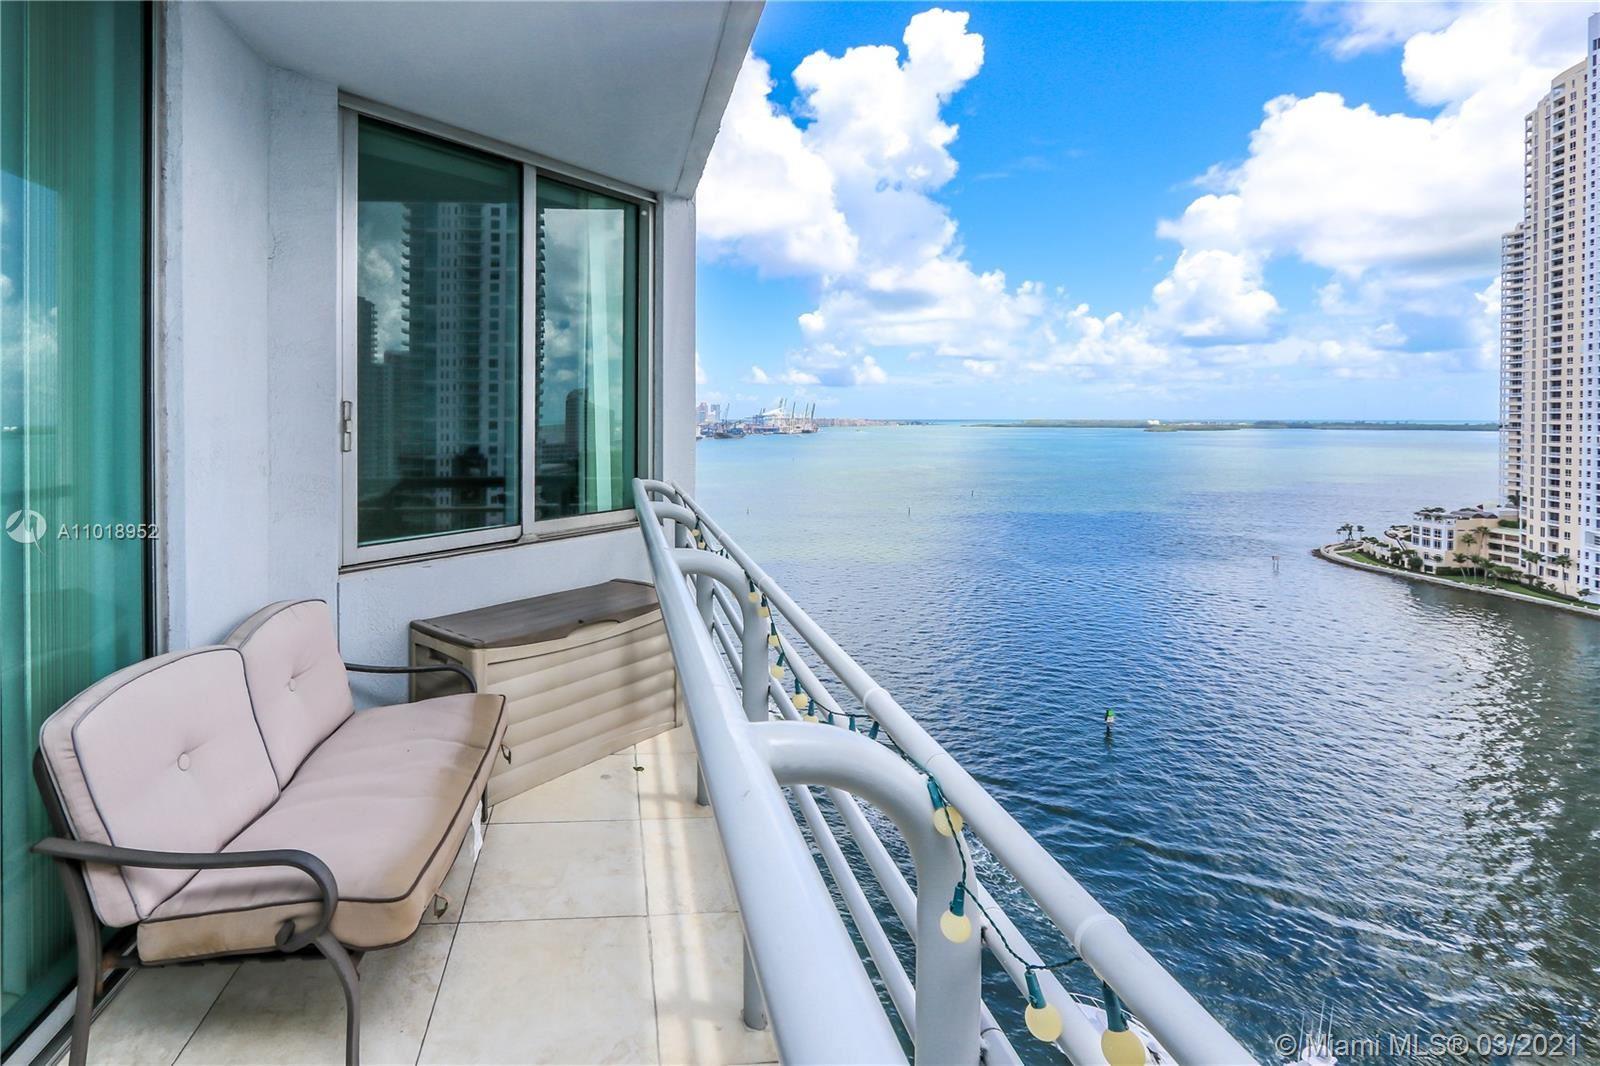 335 S Biscayne Blvd #1705, Miami, FL 33131 - #: A11018952